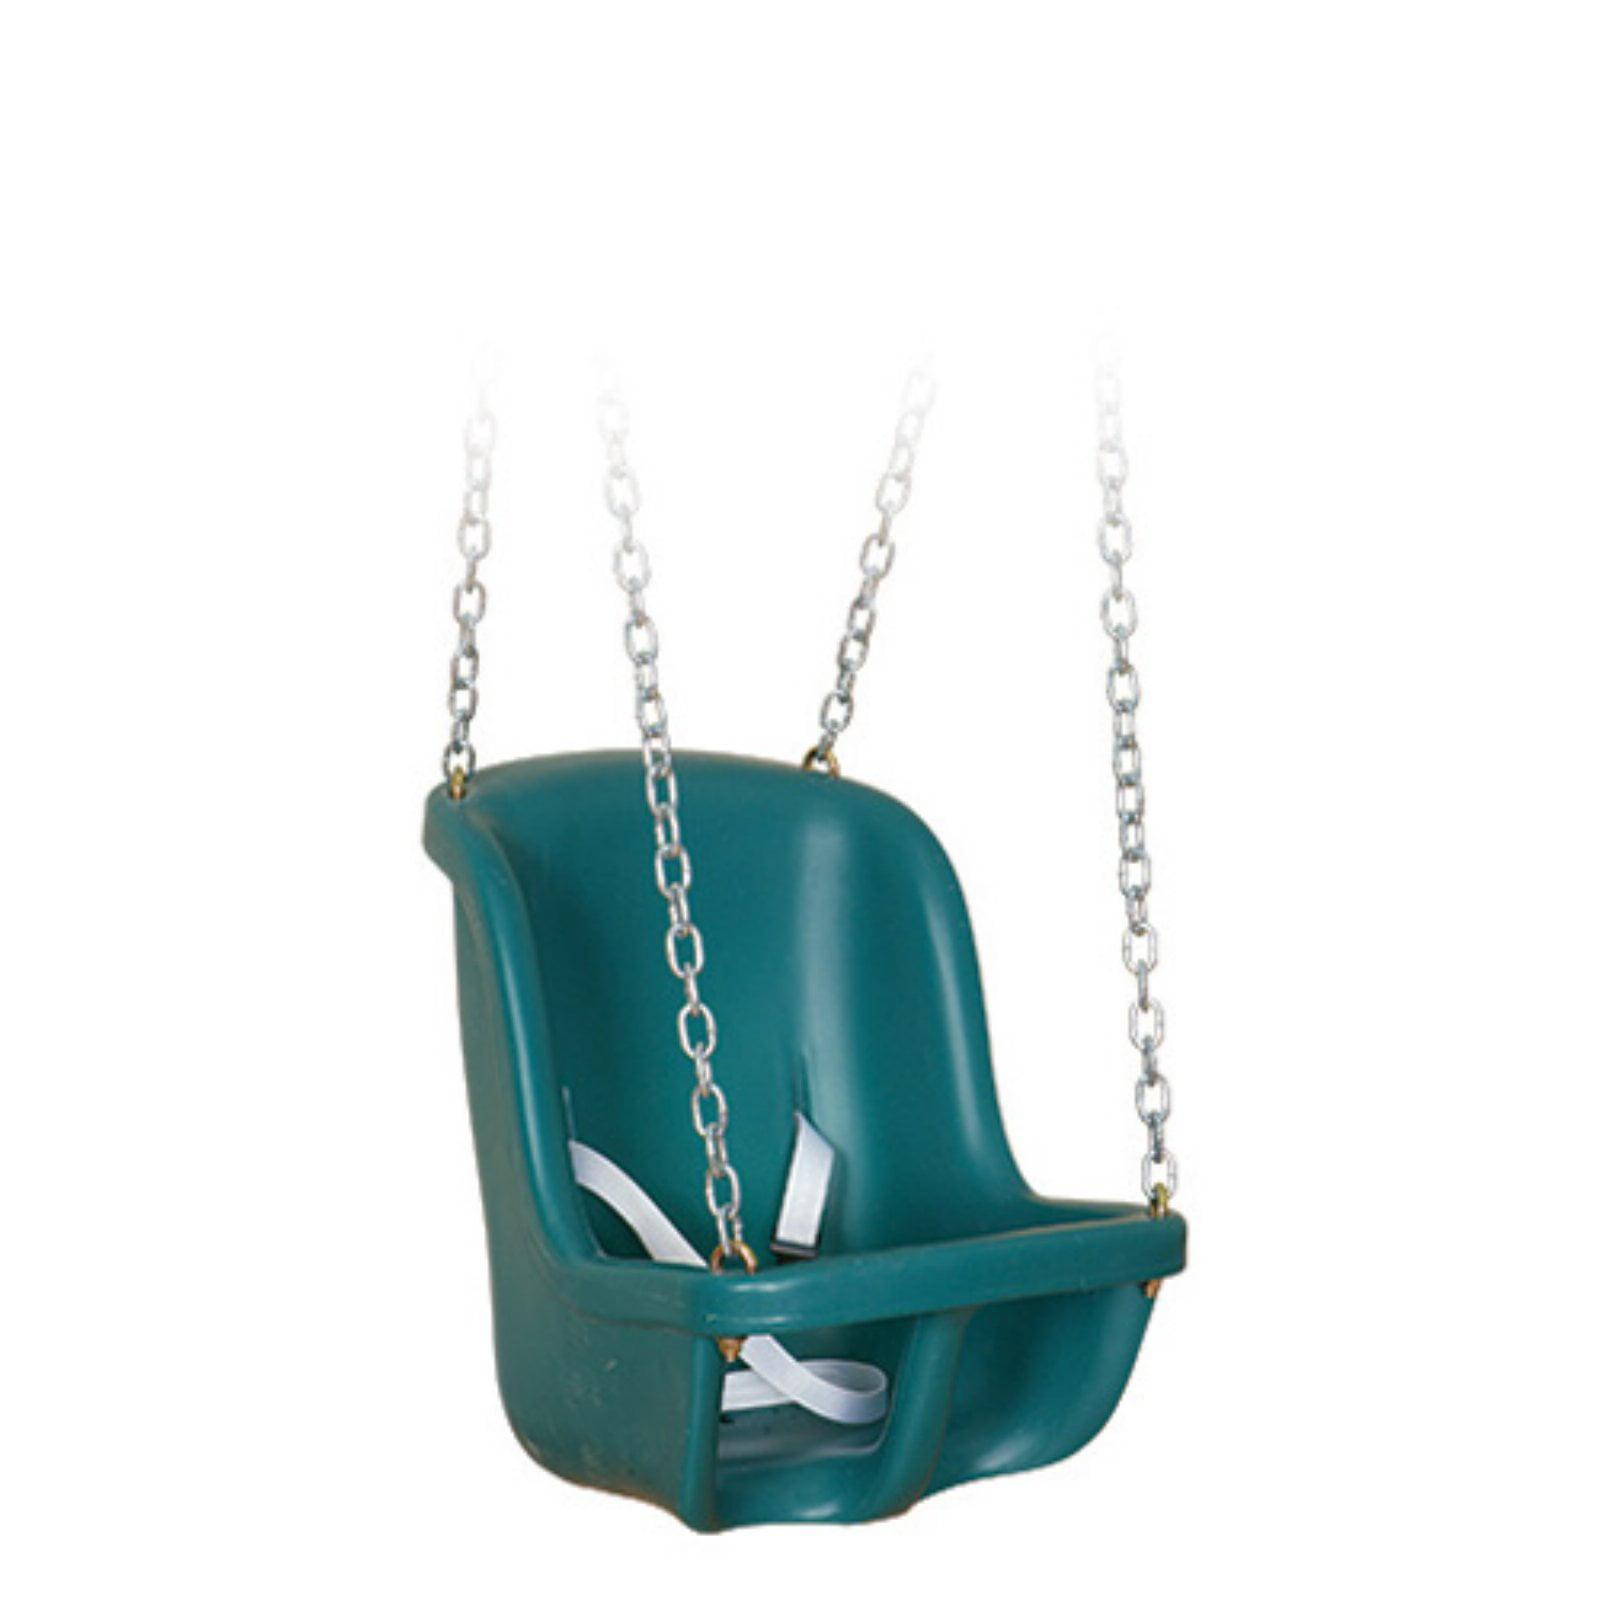 Yardcraft Products LLC Baby Swing by Yardcraft Products LLC